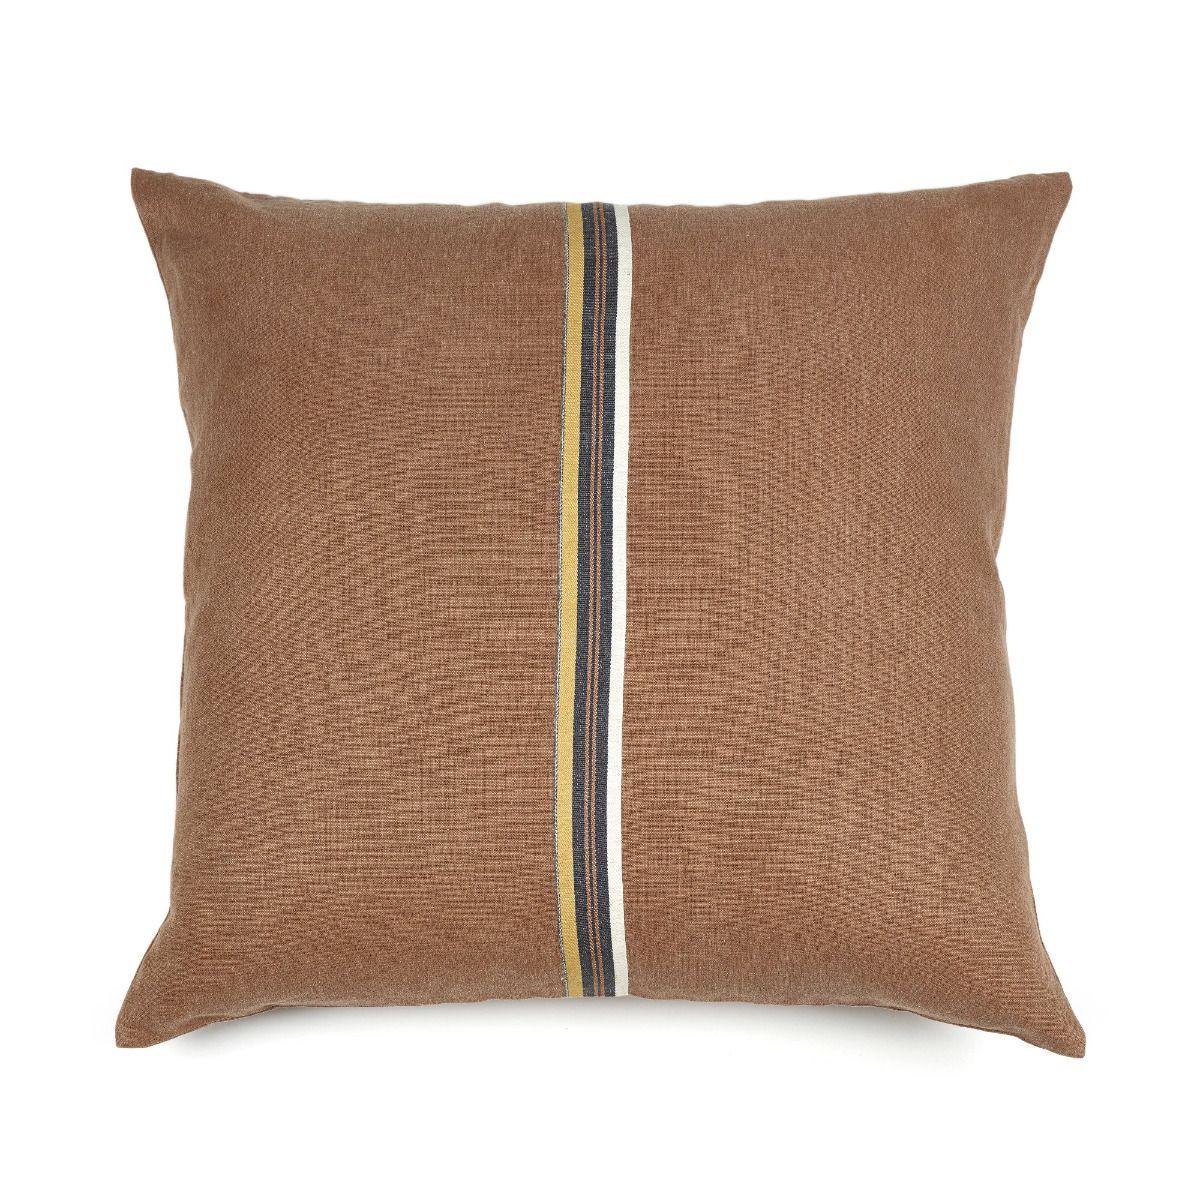 Leroy Pillow Cushion